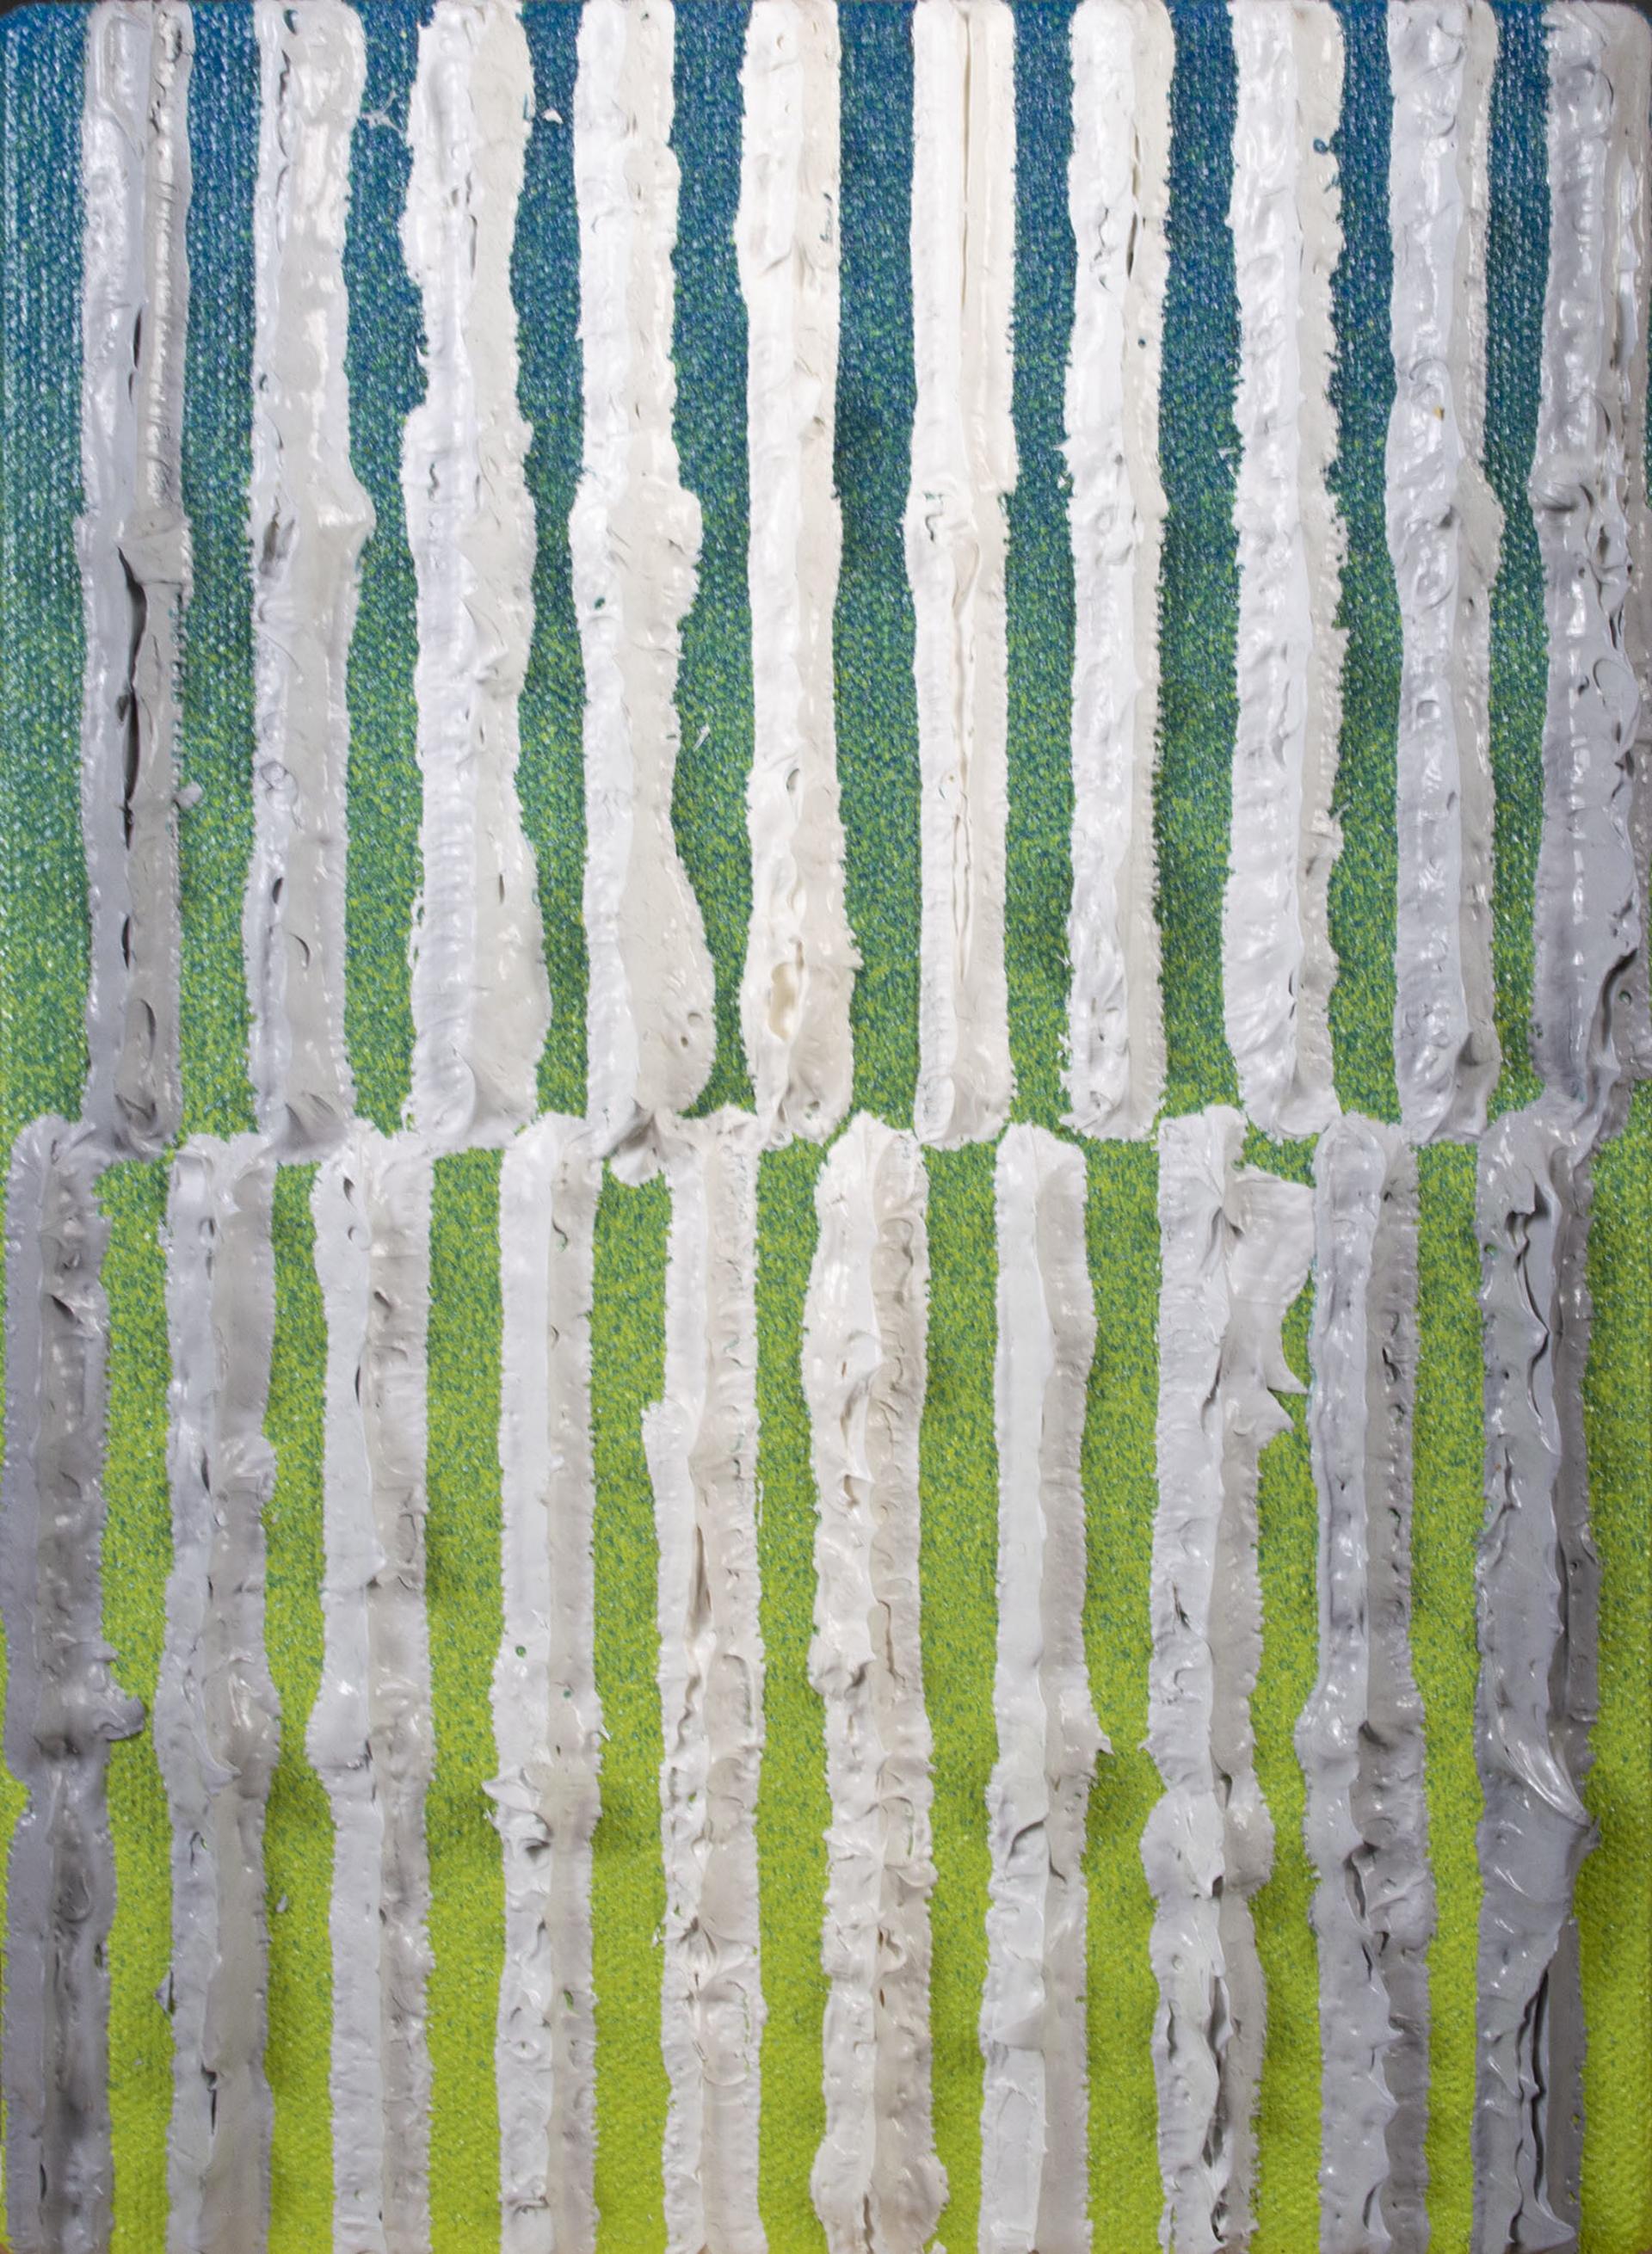 Grey on Green by Daniel Klewer